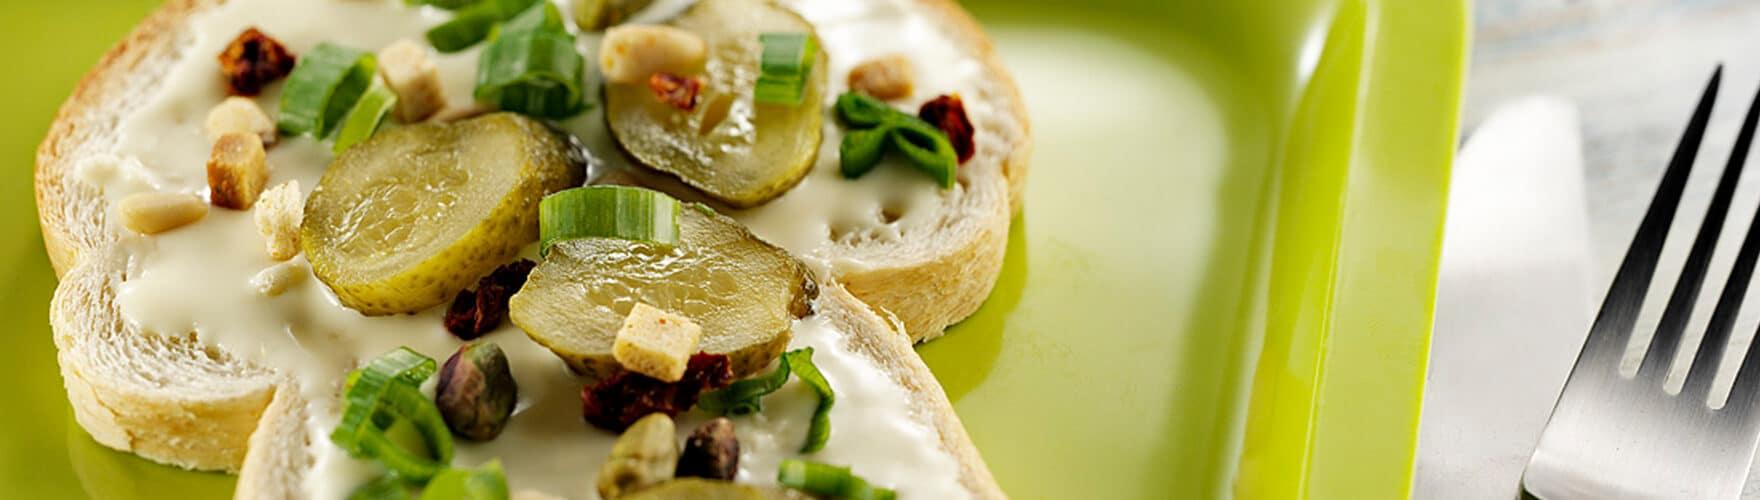 Pão branco com ERU Queru Real, picles e pistache